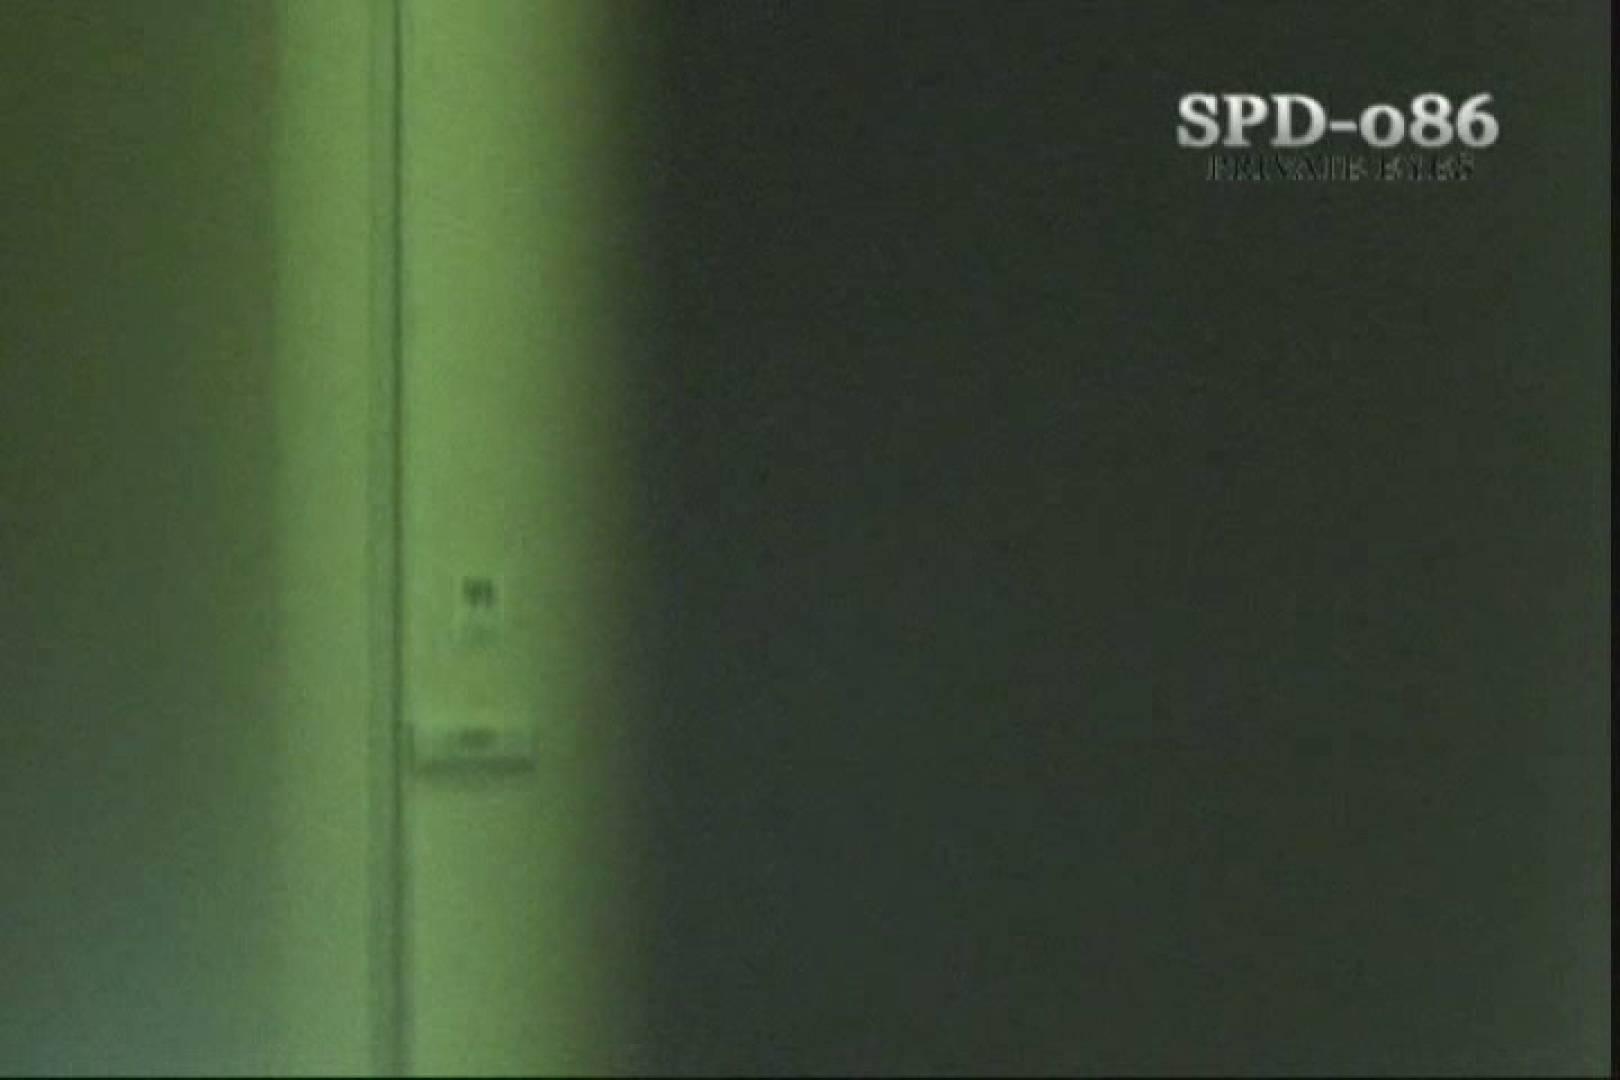 高画質版!SPD-086 盗撮・厠の隙間 3 ~厠盗撮に革命前代未分の映像~ 名作映像 濡れ場動画紹介 97PIX 39